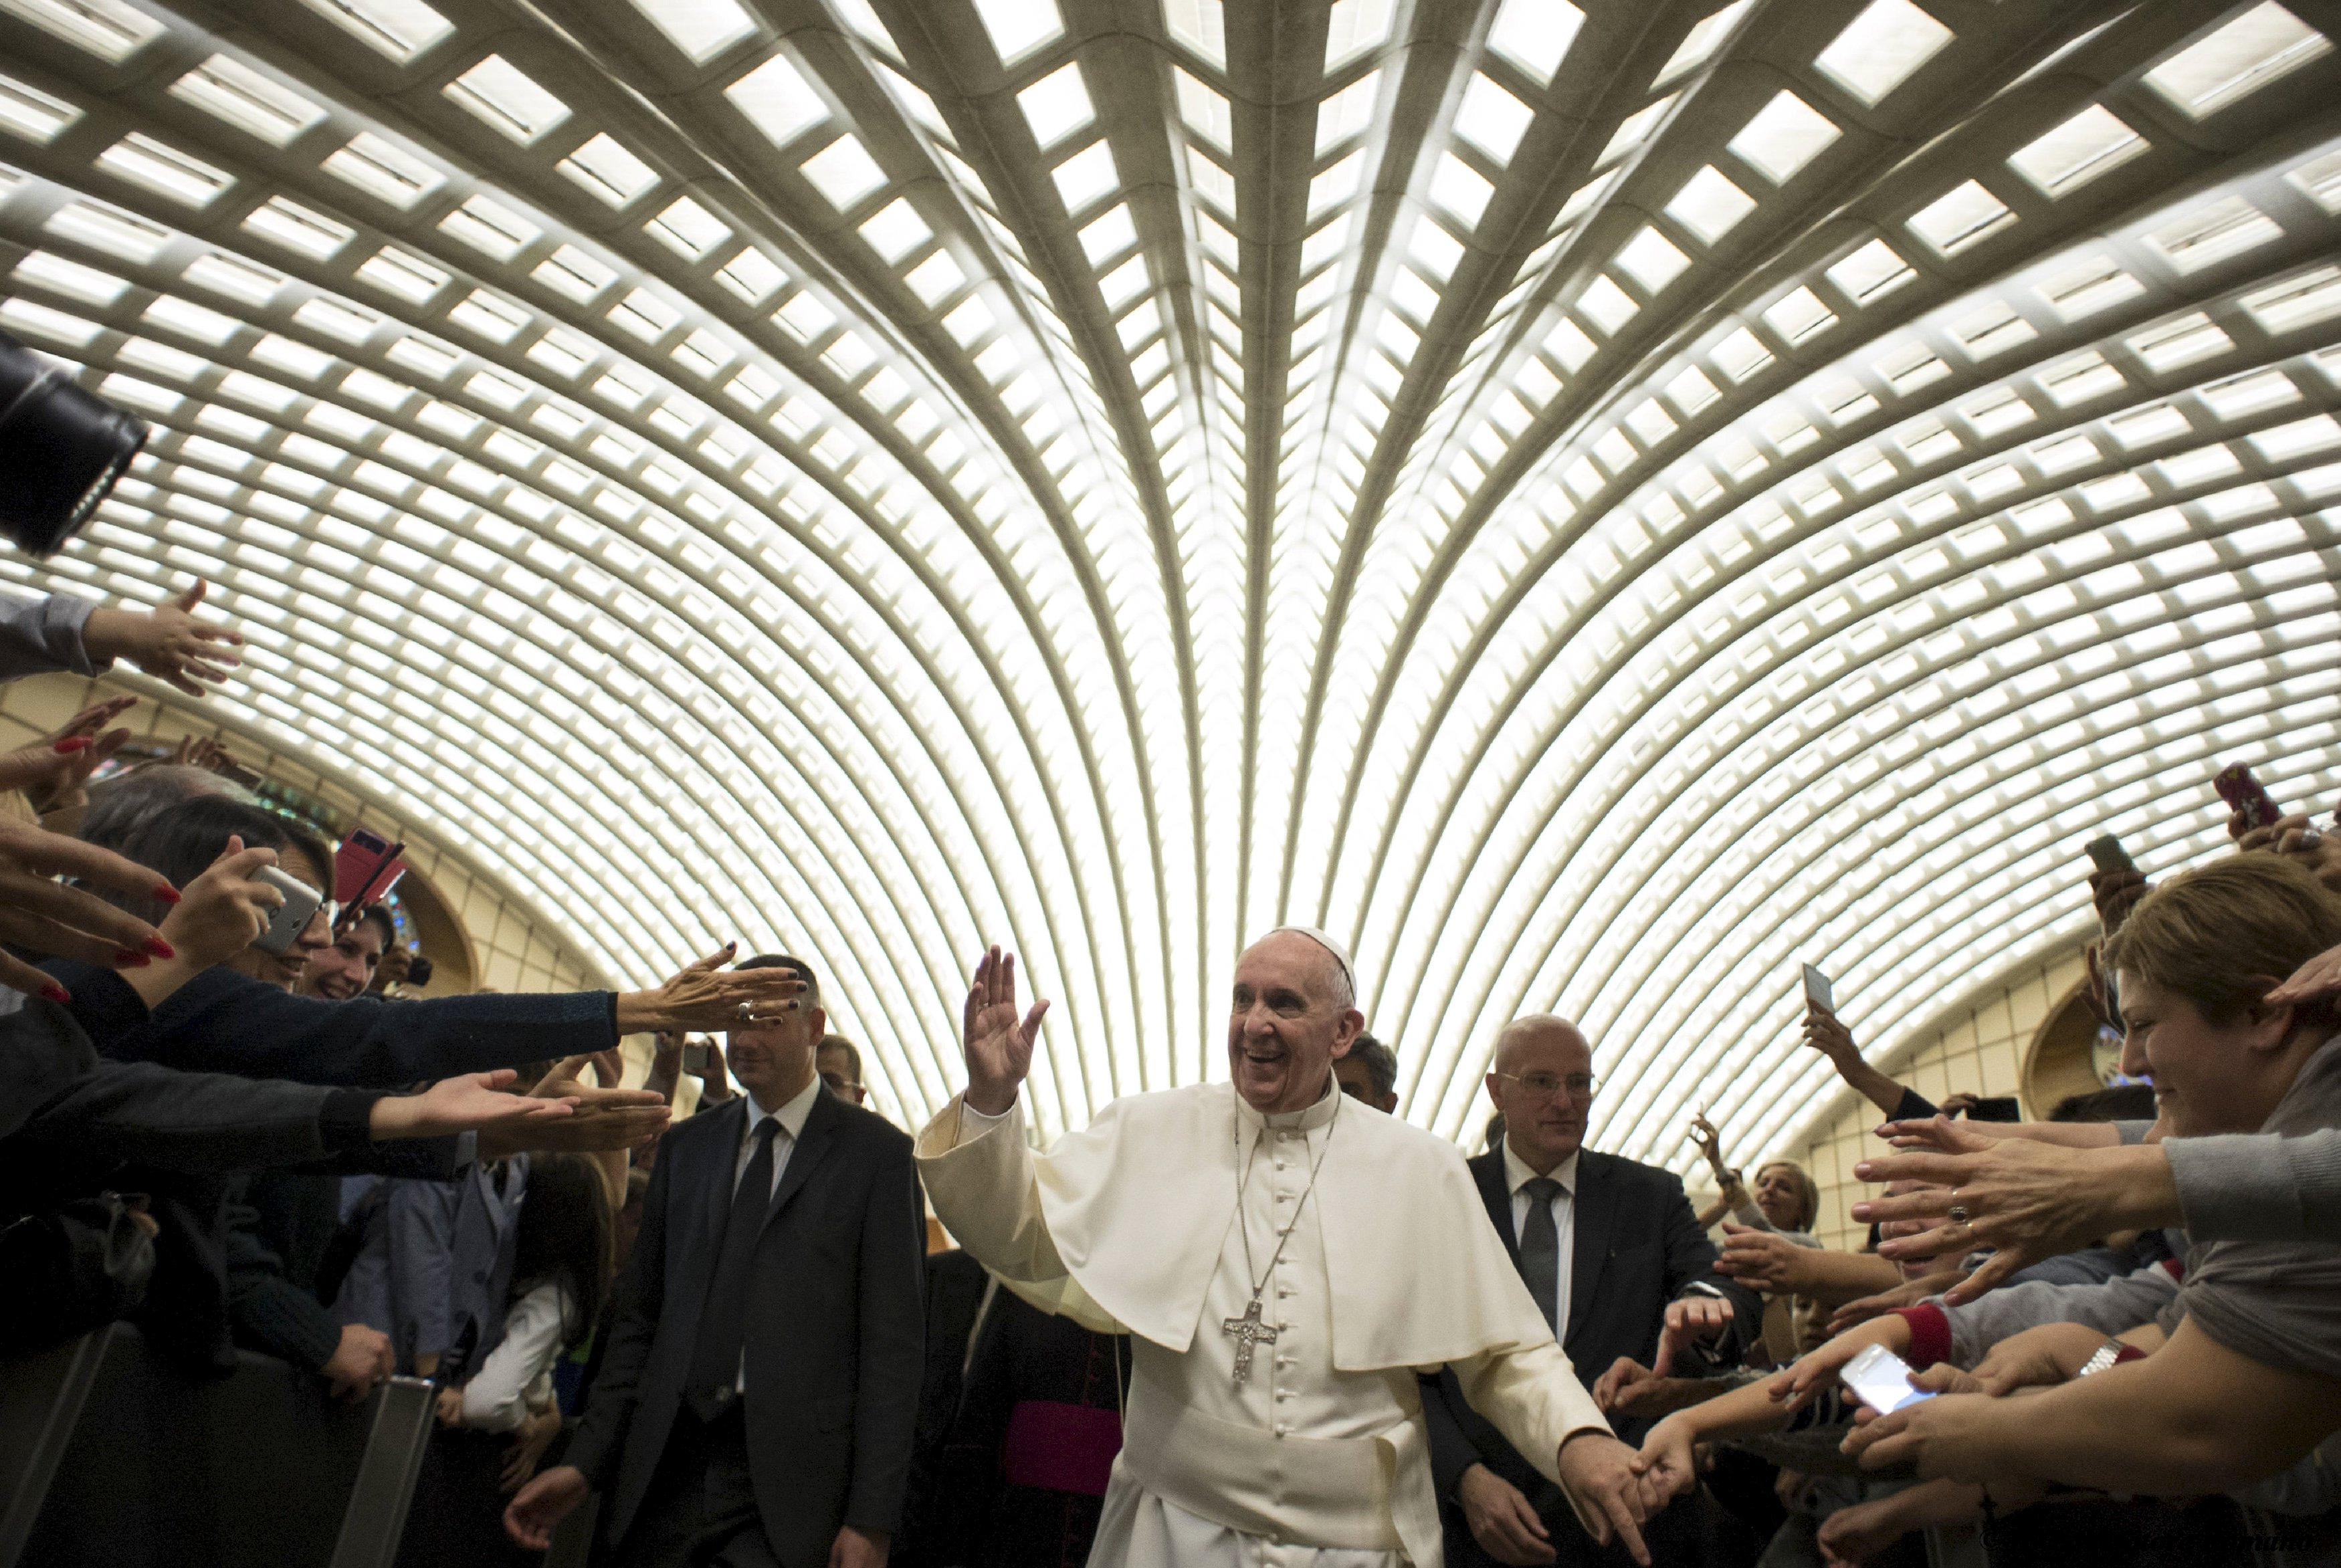 Paus Francis saat ia tiba untuk memimpin khalayak khusus dengan anggota Uni Pengusaha dan Manajer Kristen di Vatikan 31 Oktober 2015. REUTERS / Osservatore Romano / Handout via Reuters .